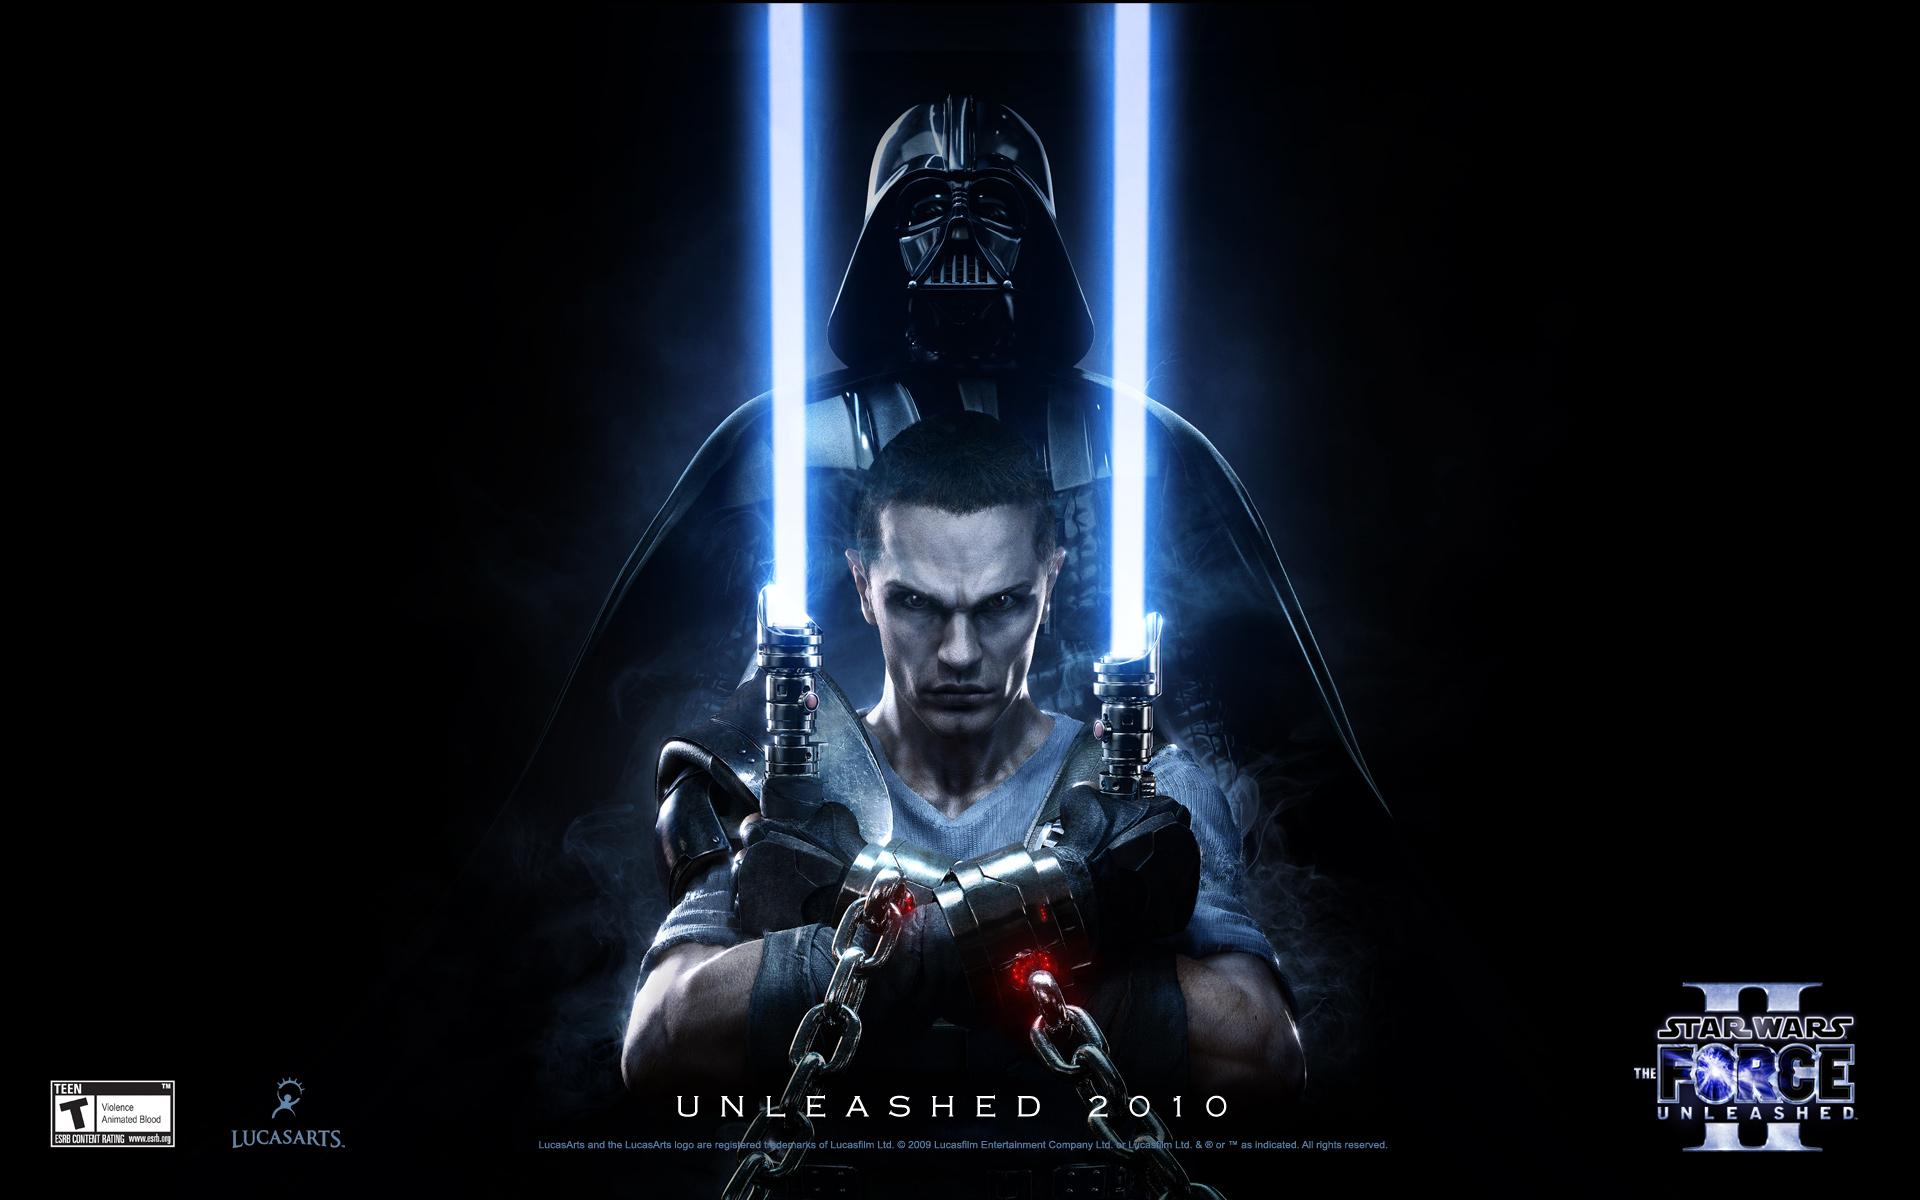 Darth Vader Unleashed Wallpaper Full Hd